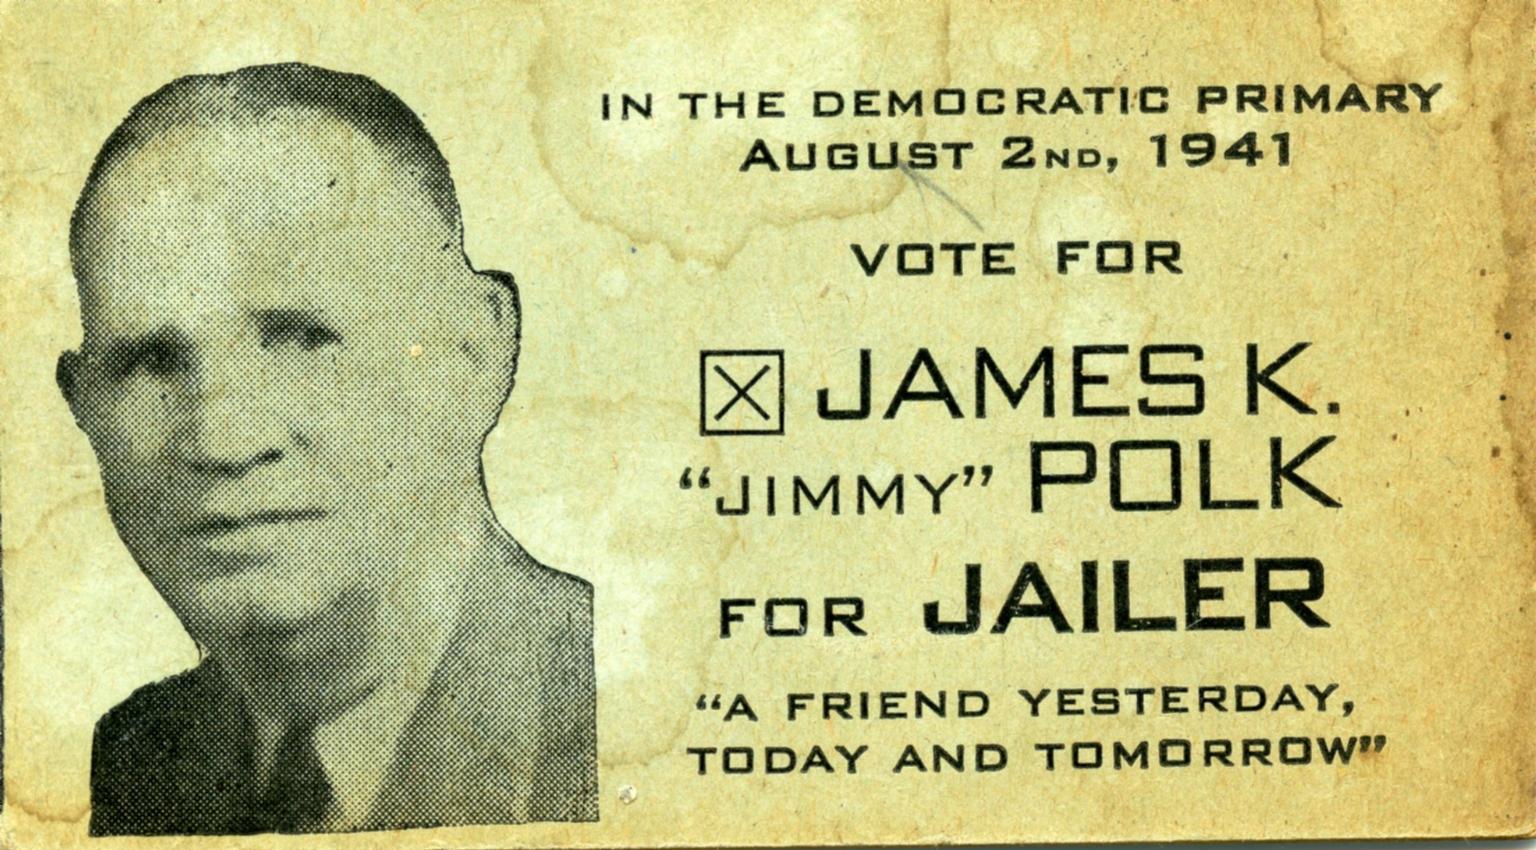 James K. Polk for Jailer